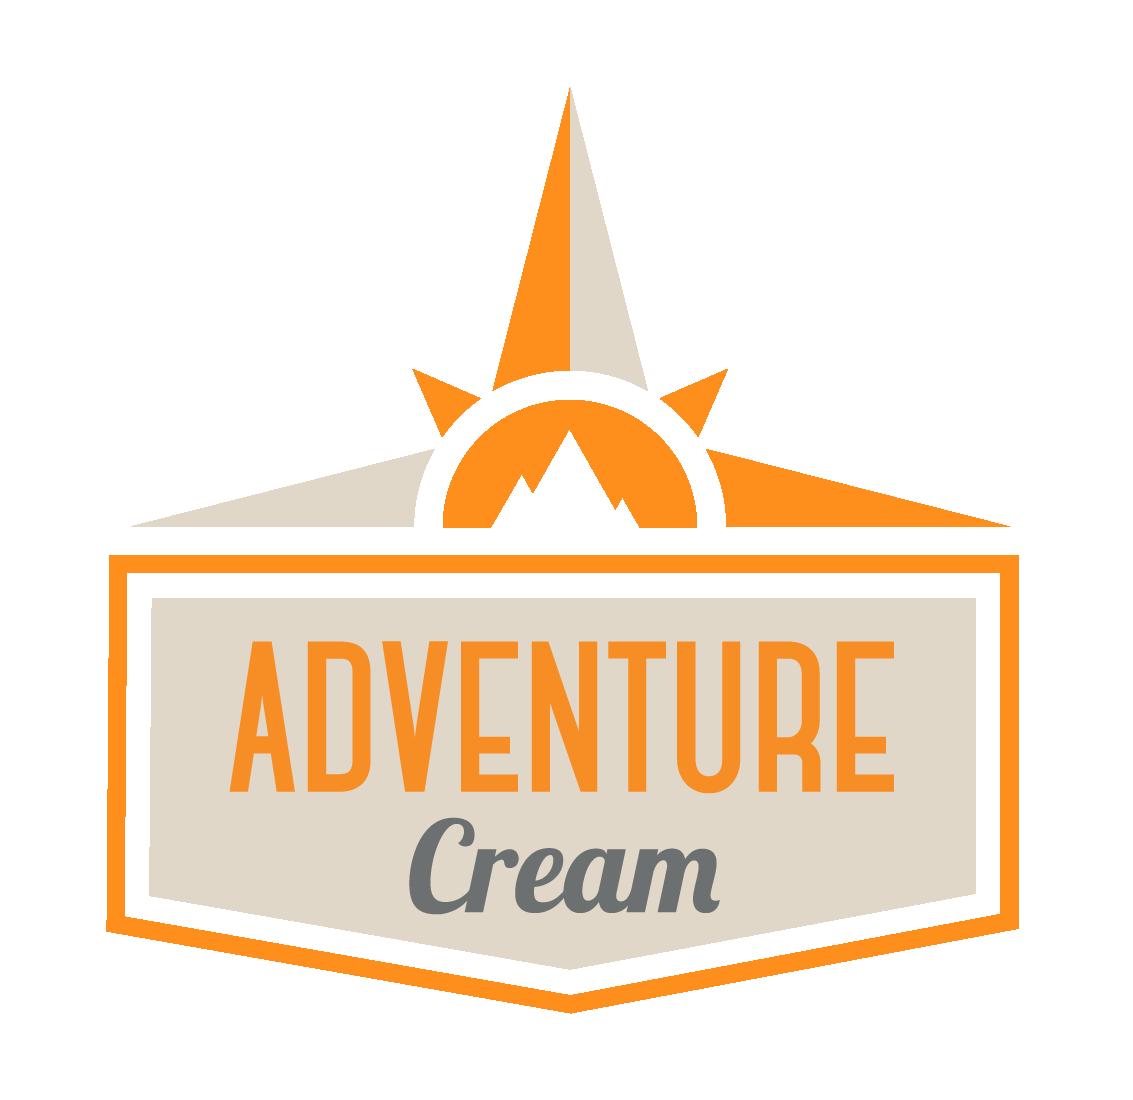 Adventure Cream